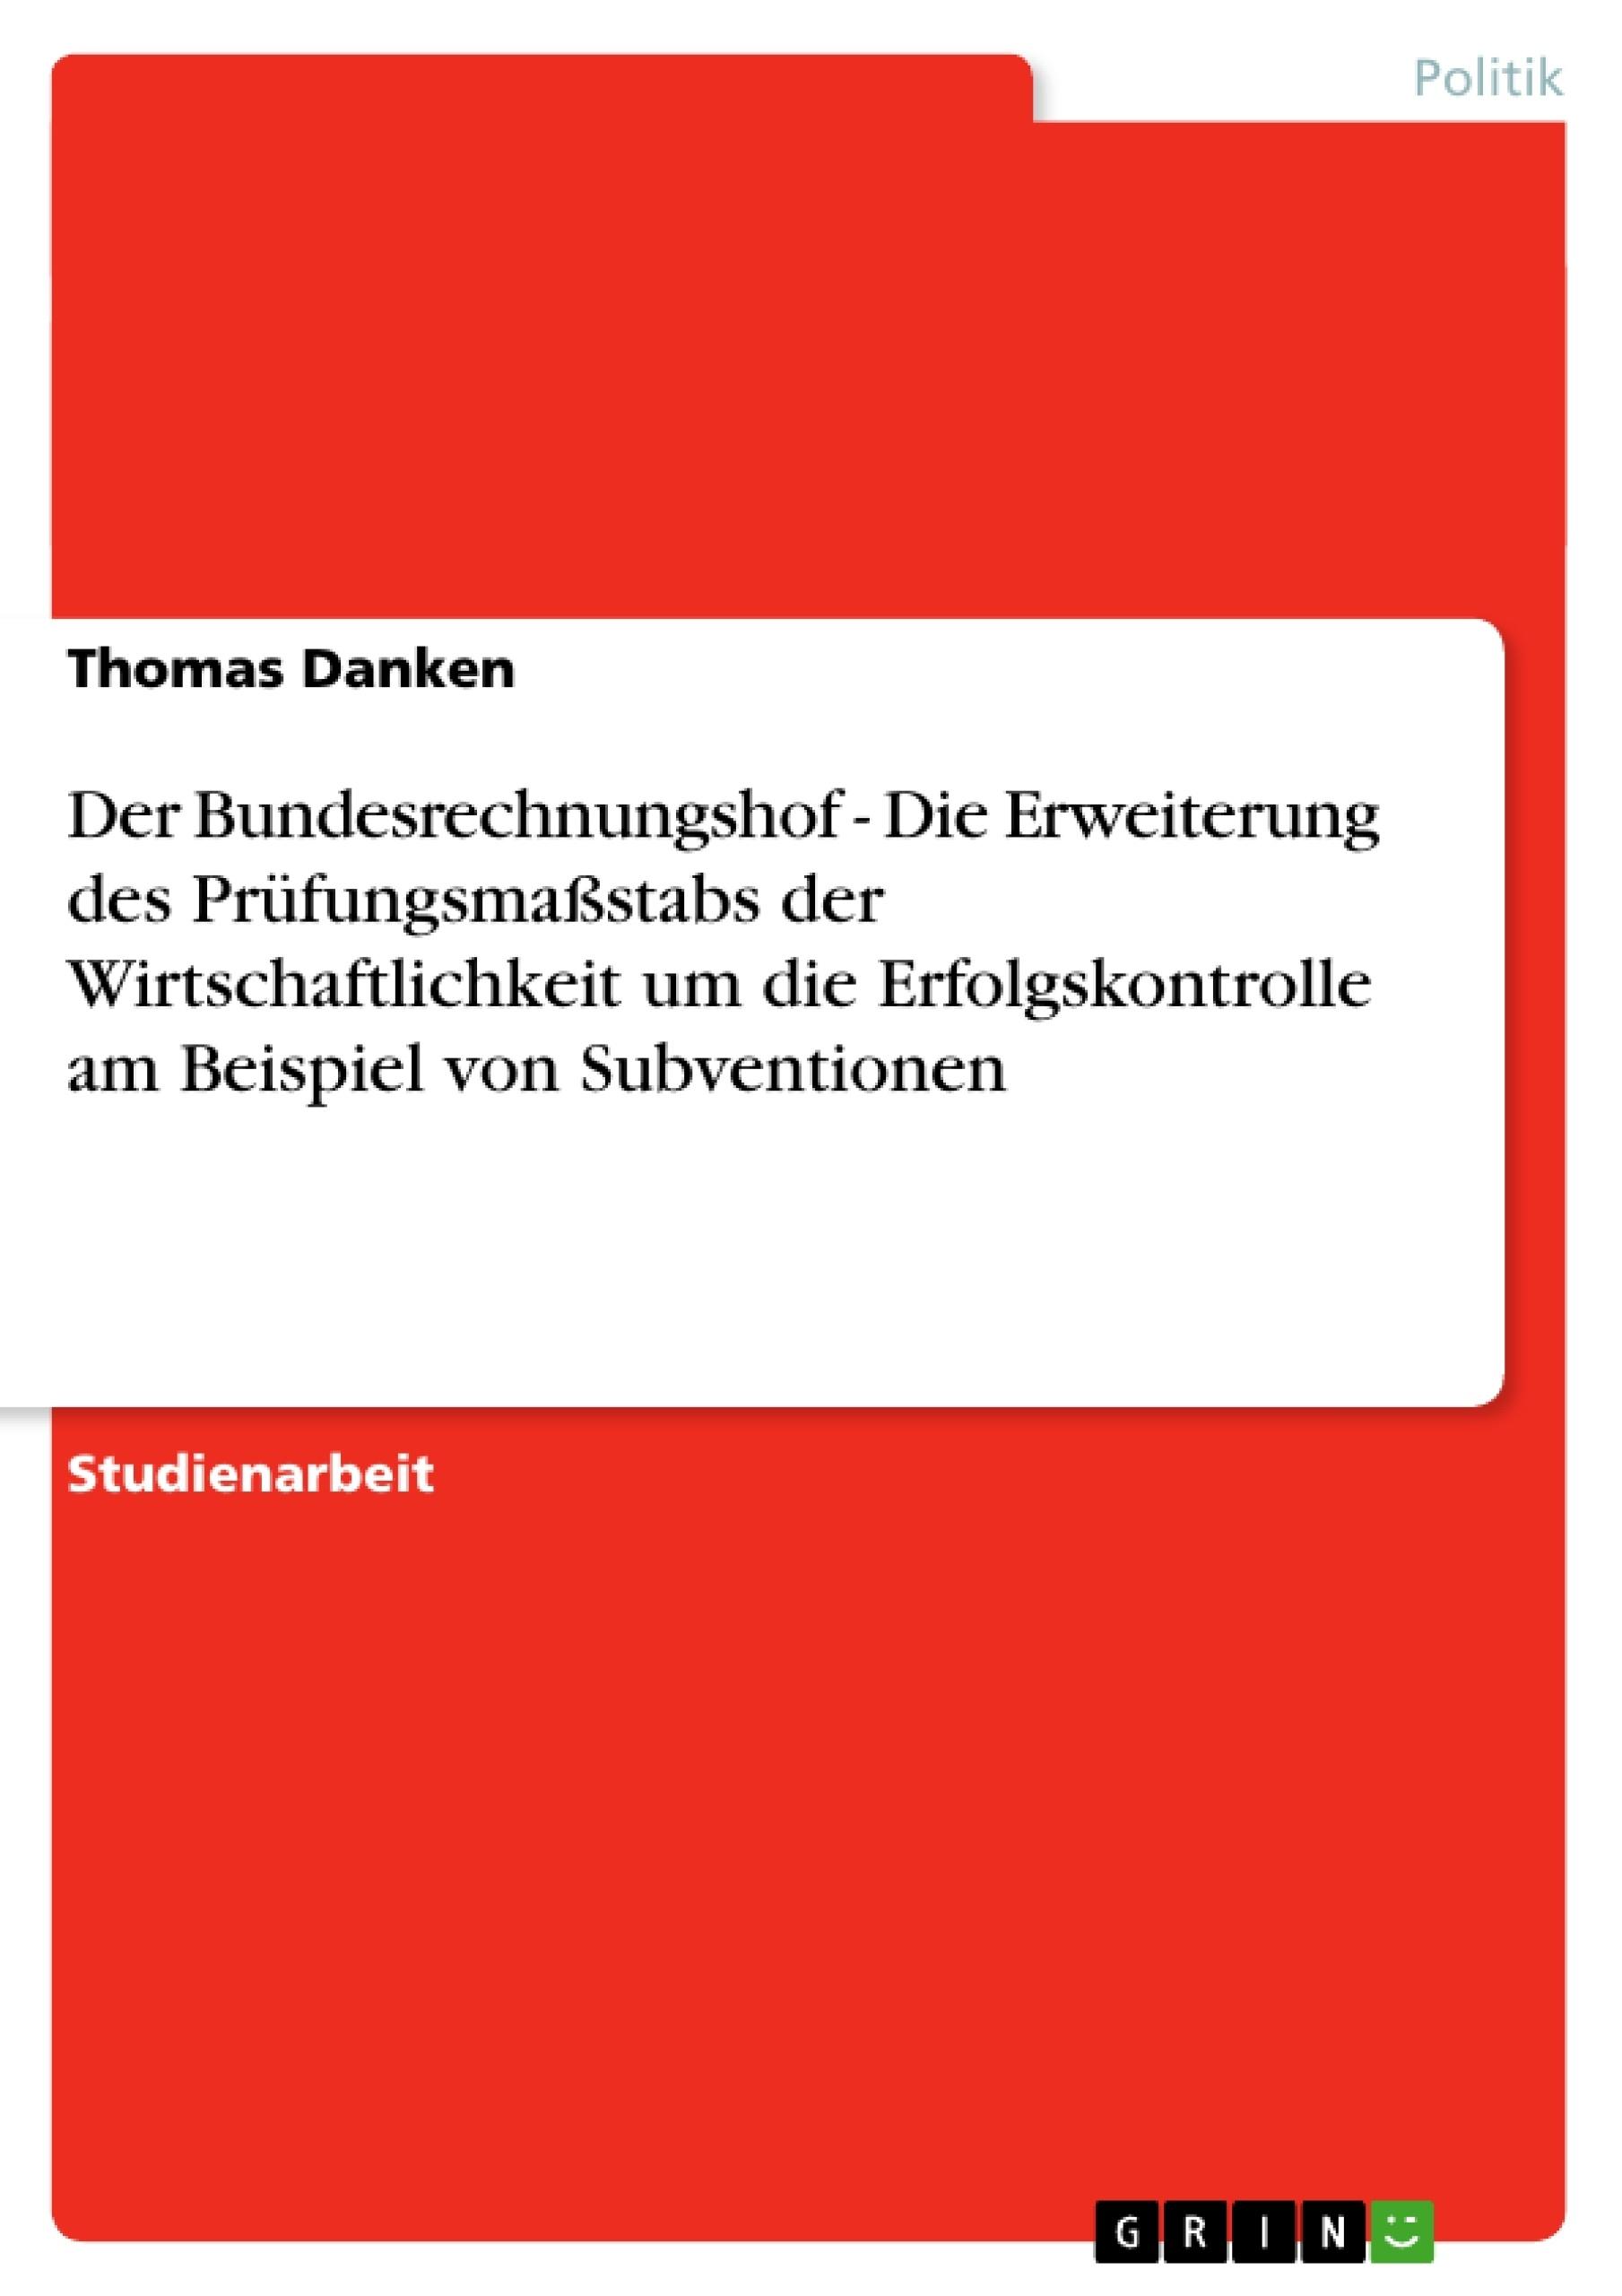 Titel: Der Bundesrechnungshof - Die Erweiterung des Prüfungsmaßstabs der Wirtschaftlichkeit um die Erfolgskontrolle am Beispiel von Subventionen